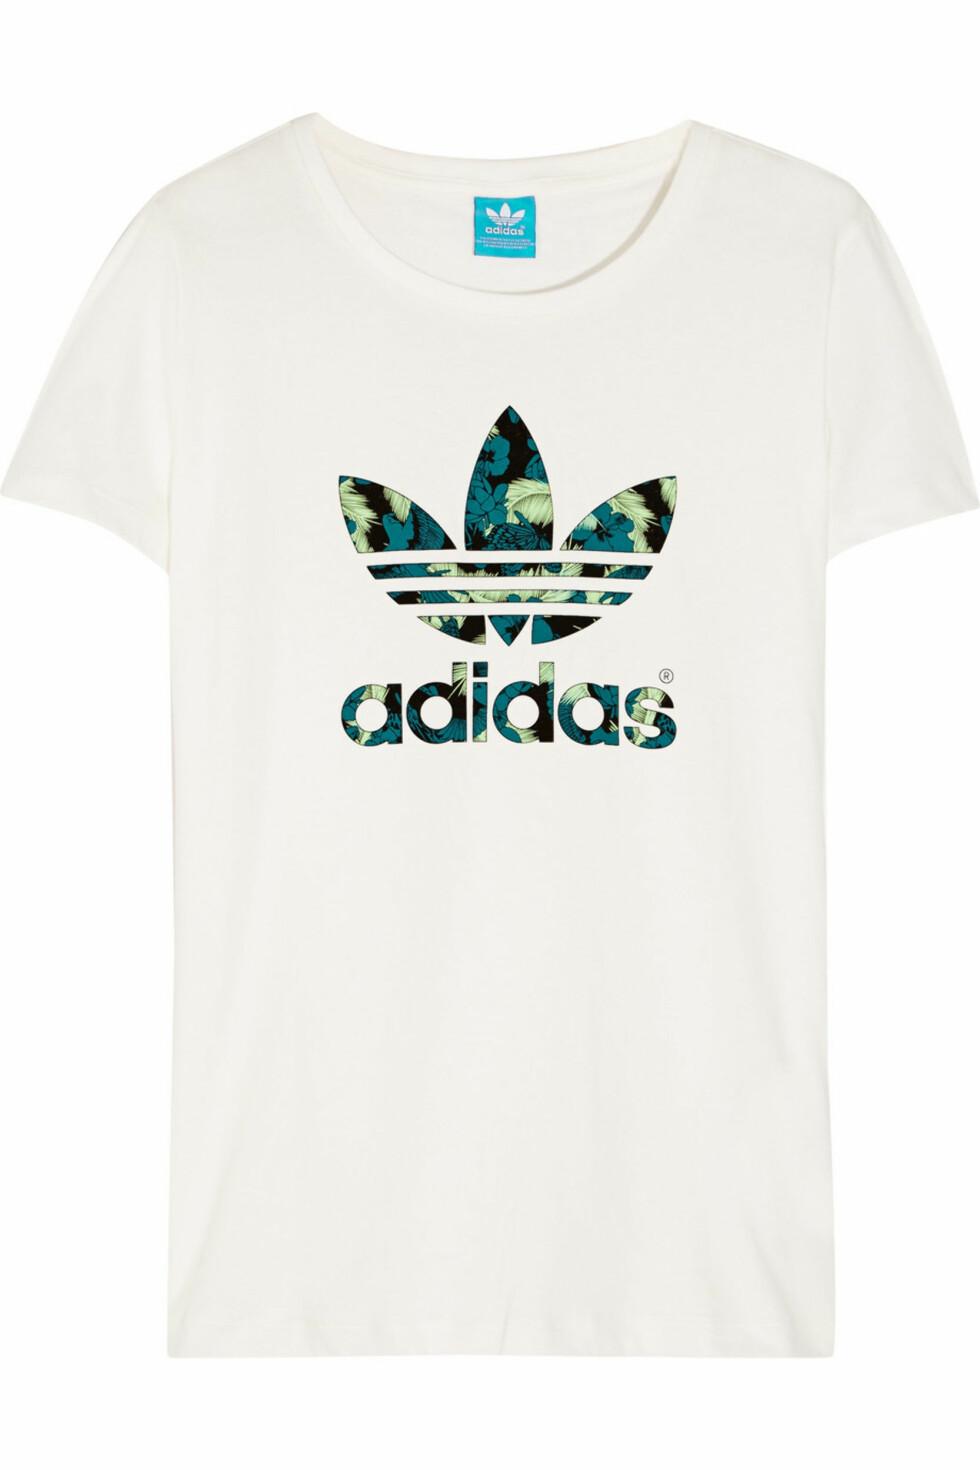 T-skjorte fra Adidas via Net-a-porter.com, kr 387. Foto: Net-a-porter.com